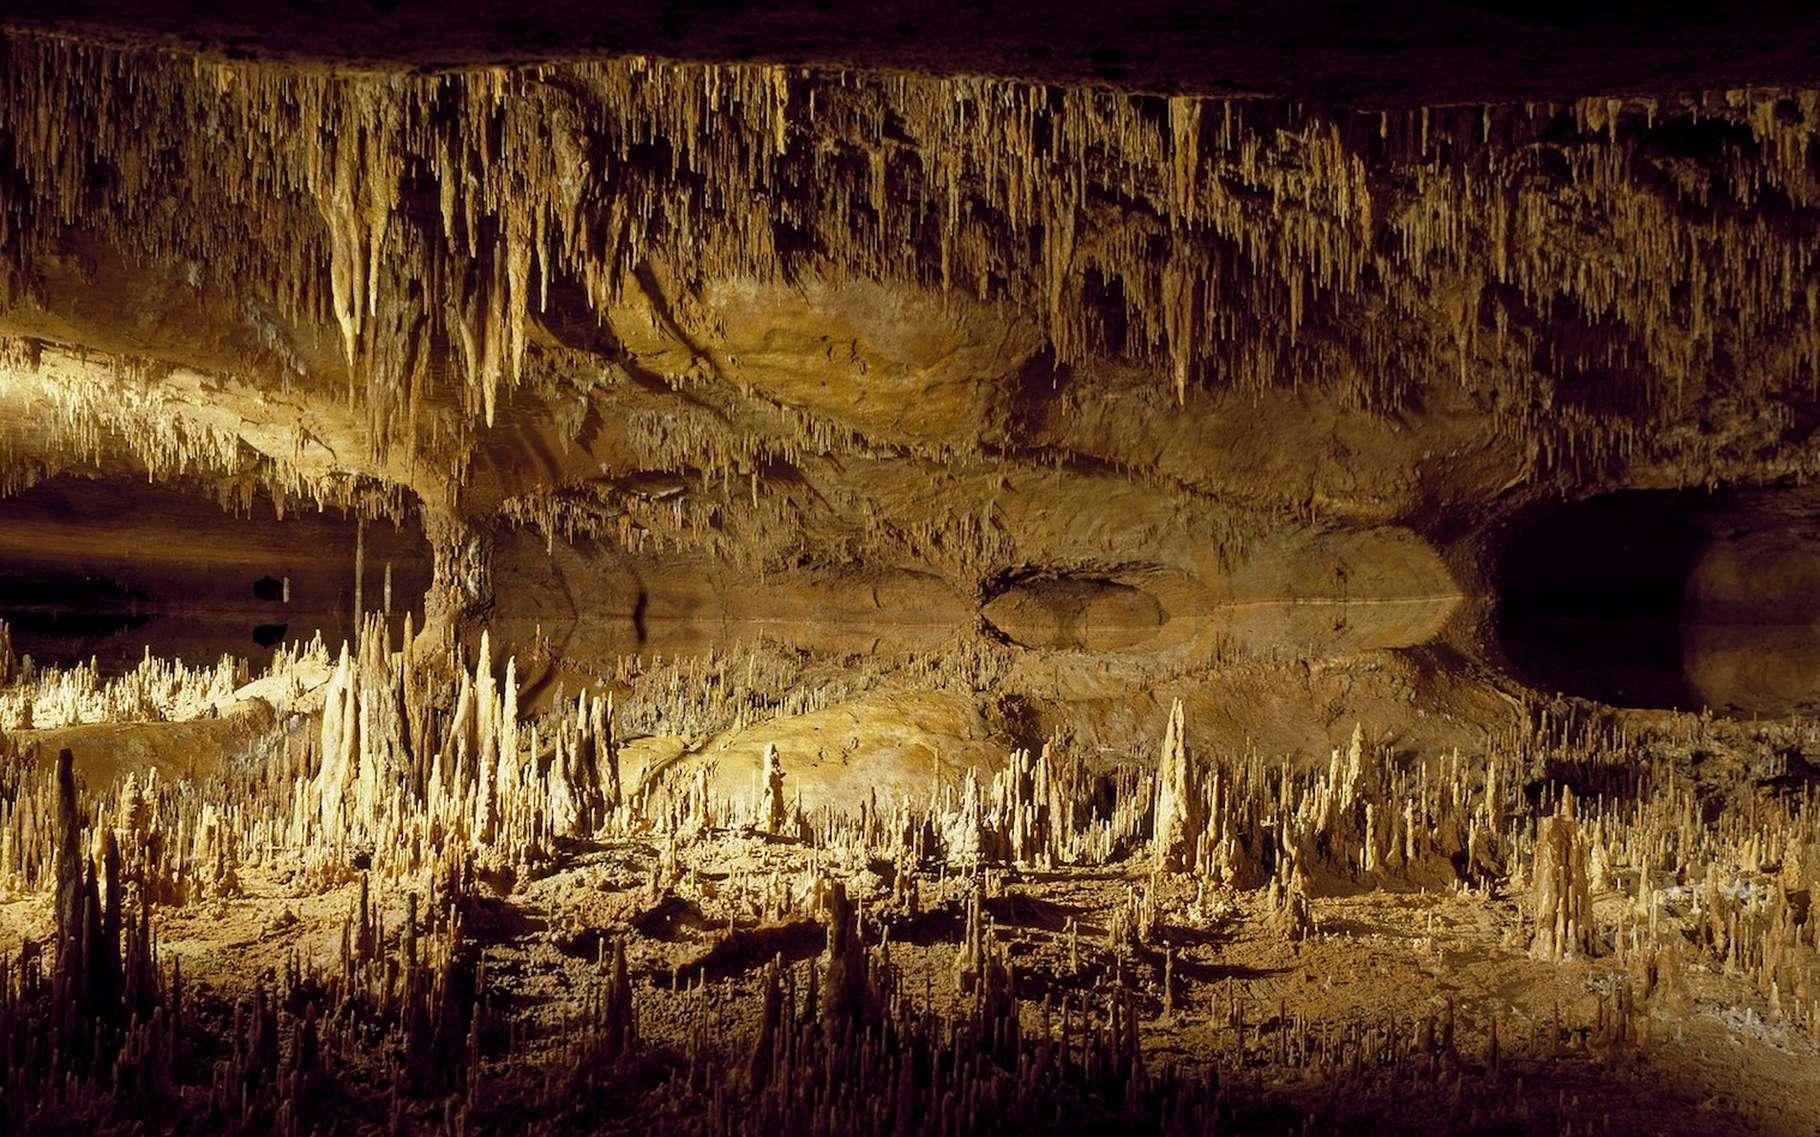 Une stalactite est une formation calcaire qui pend de la voûte d'une grotte. © skeeze, Pixabay, CC0 Creative Commons